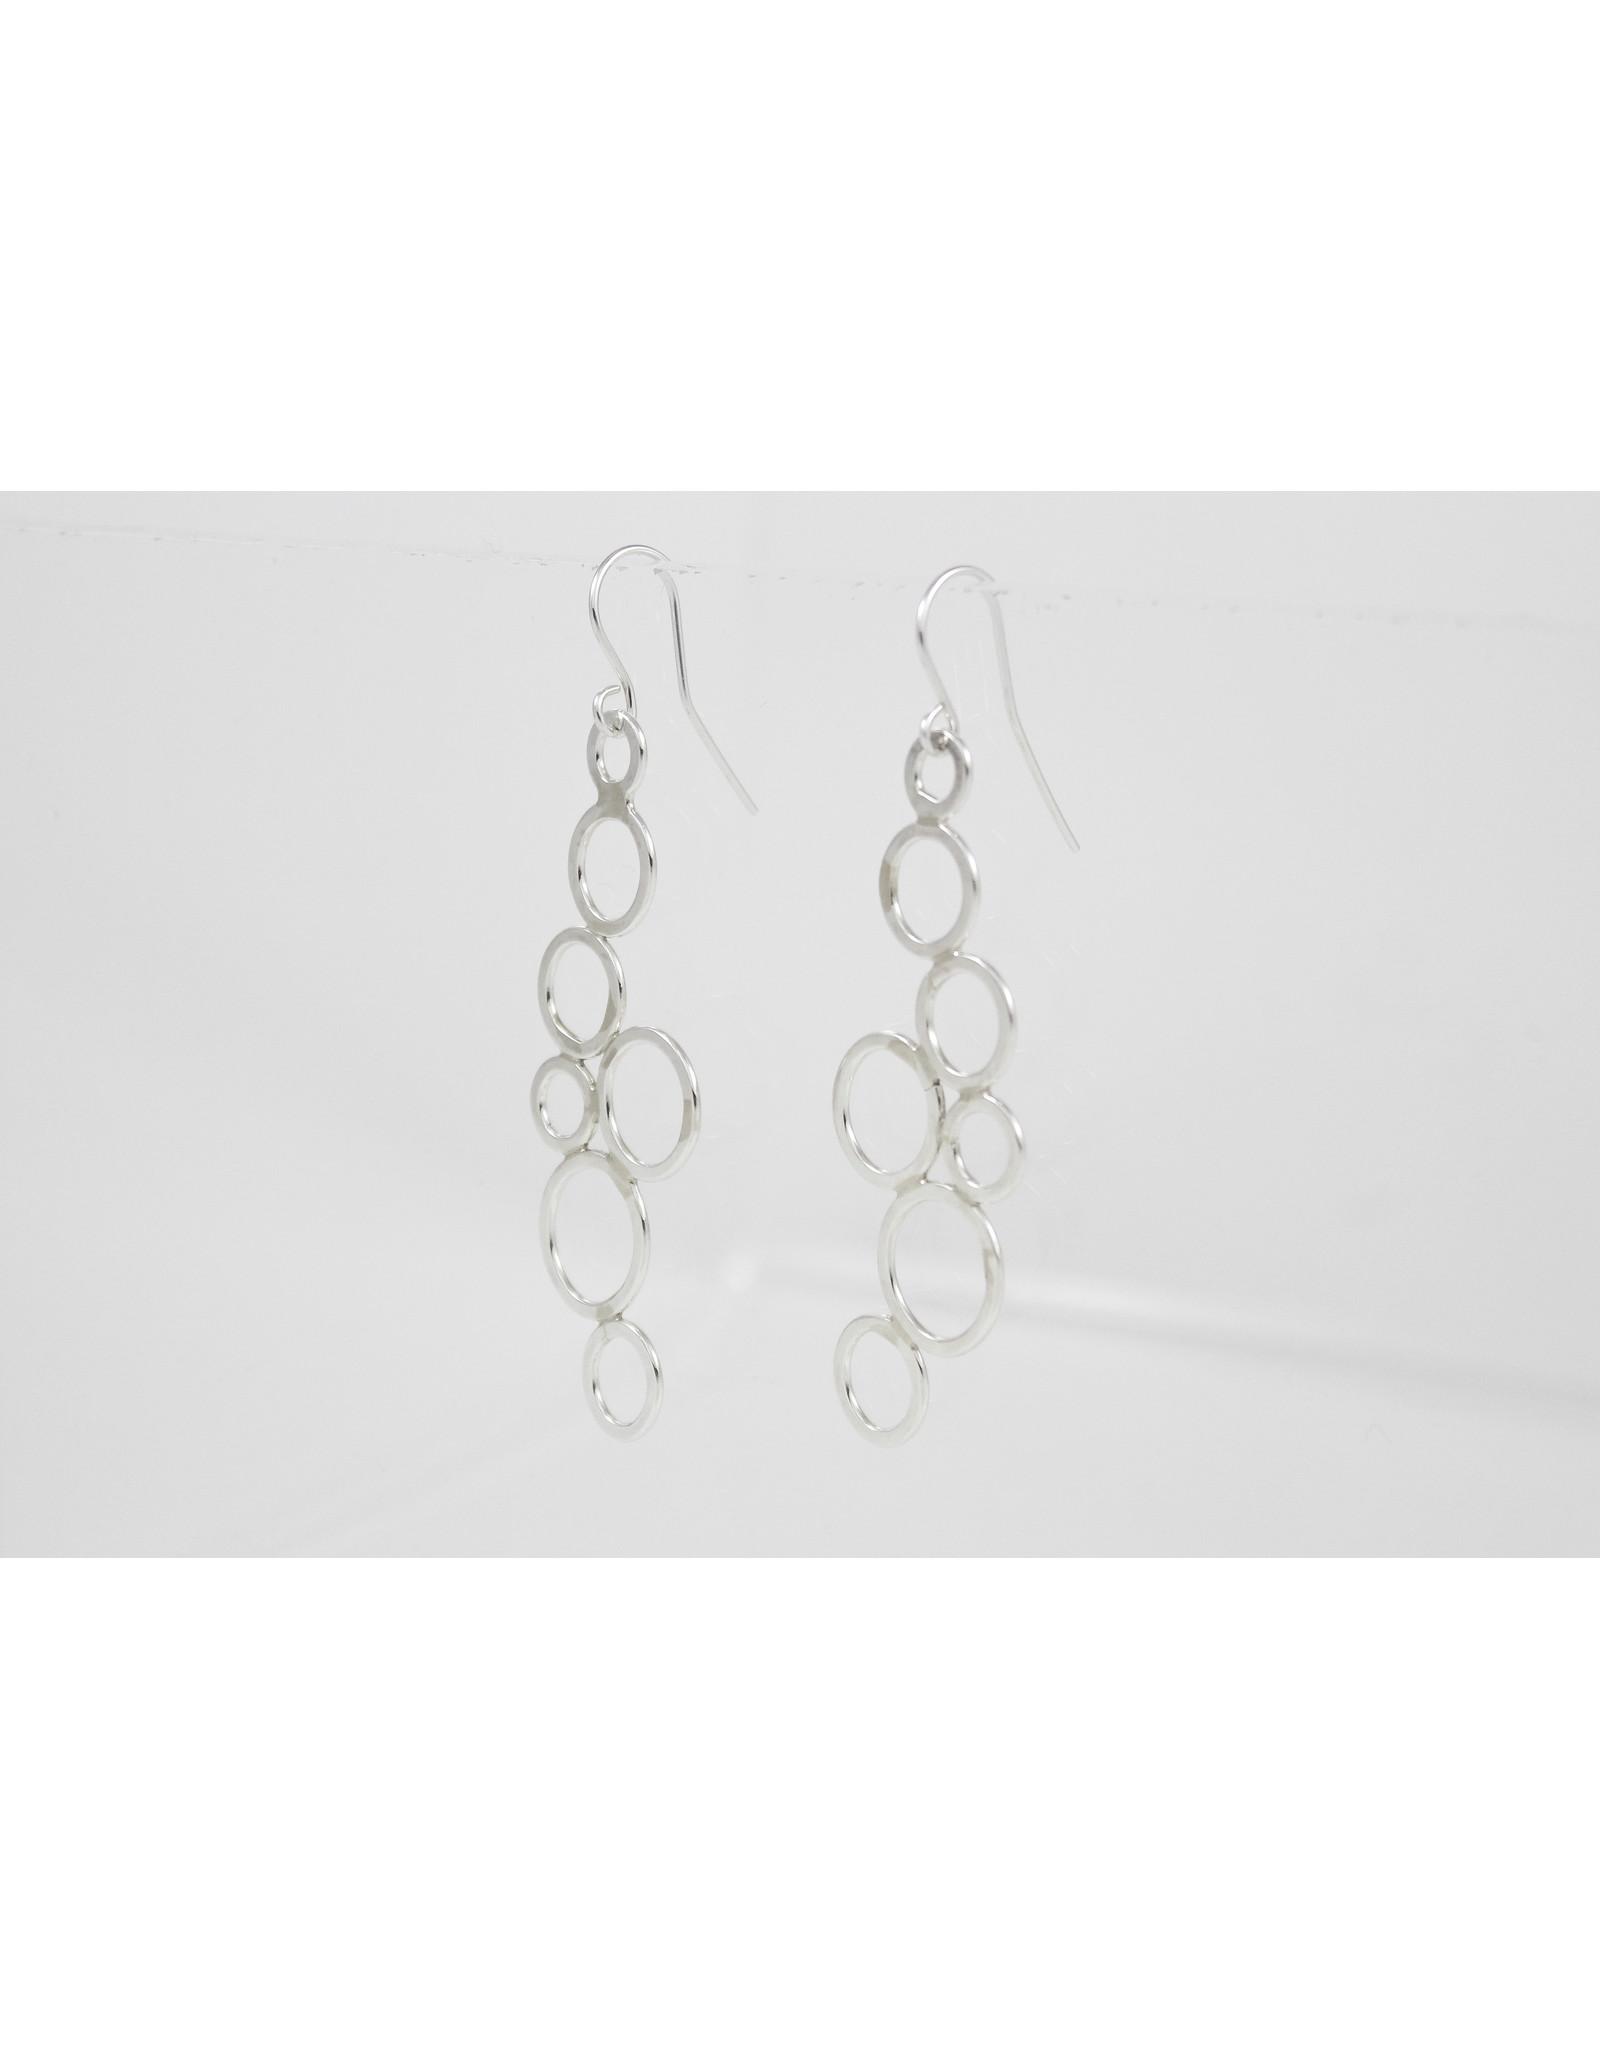 Karen Graham Staggered Circle Earrings by Karen Graham